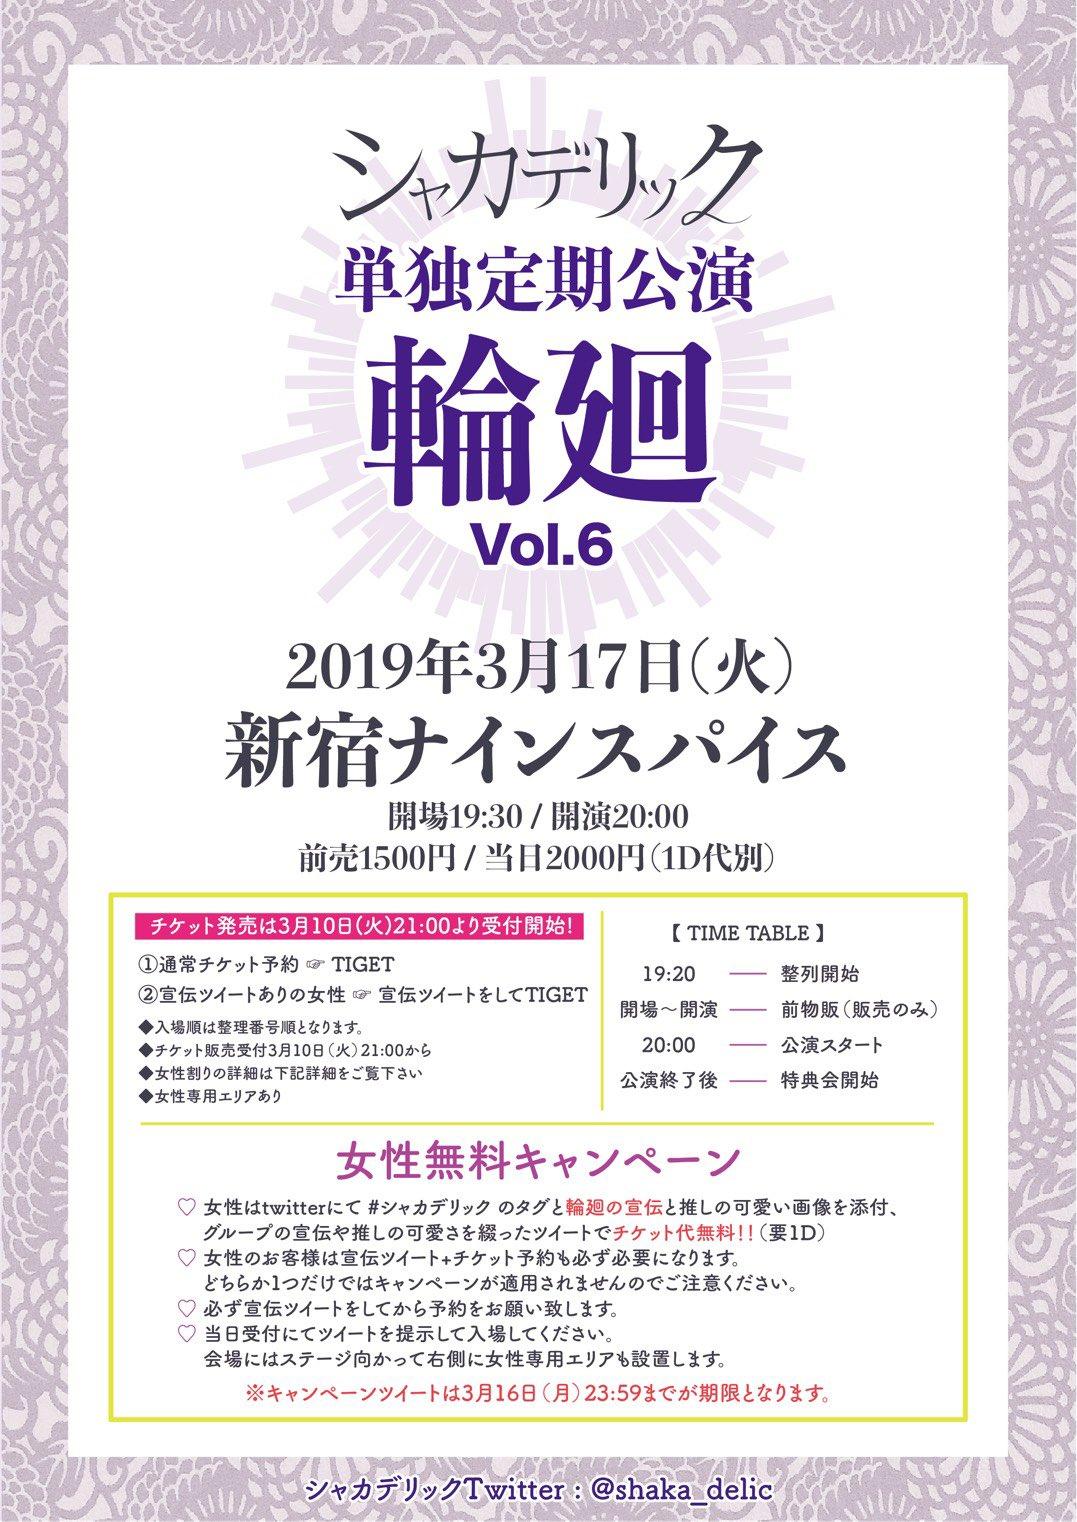 シャカデリック単独定期公演 「輪廻 vol.6」